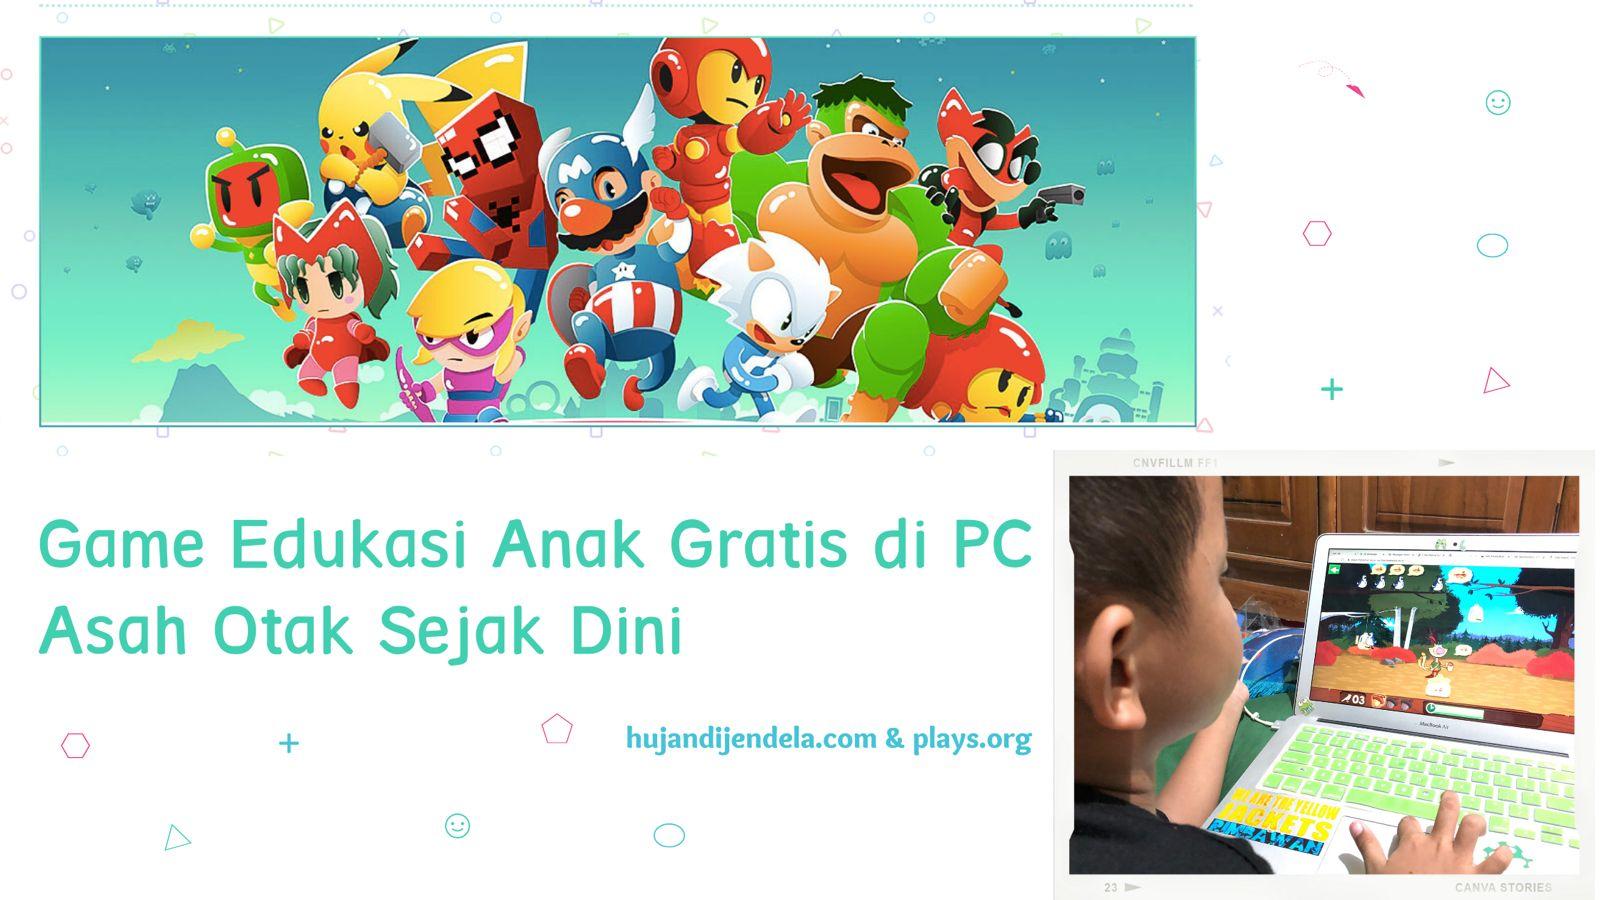 Game Edukasi Anak Gratis di PC - Asah Otak Anak Sejak Dini - Cover 1